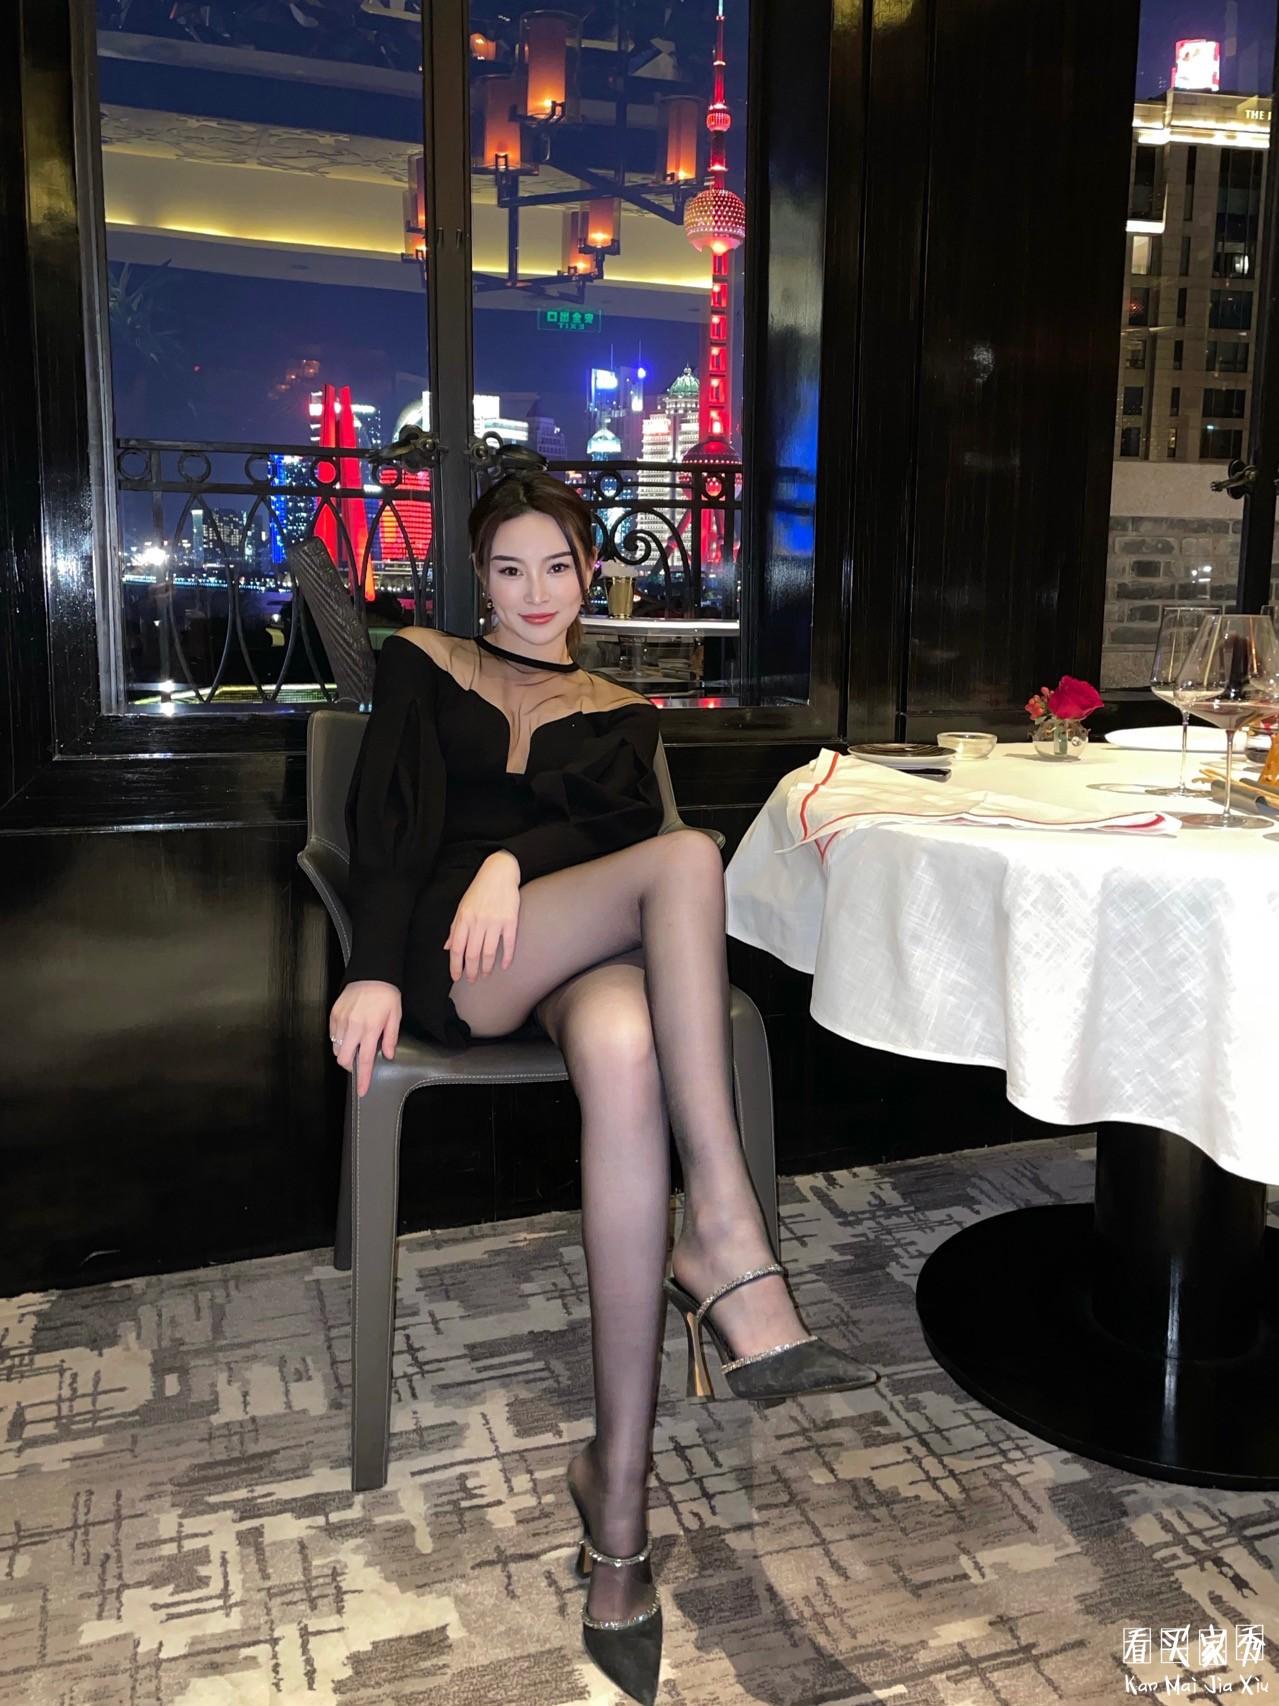 丝滑油亮10D丝袜买家秀,柔情系列高端的选择2